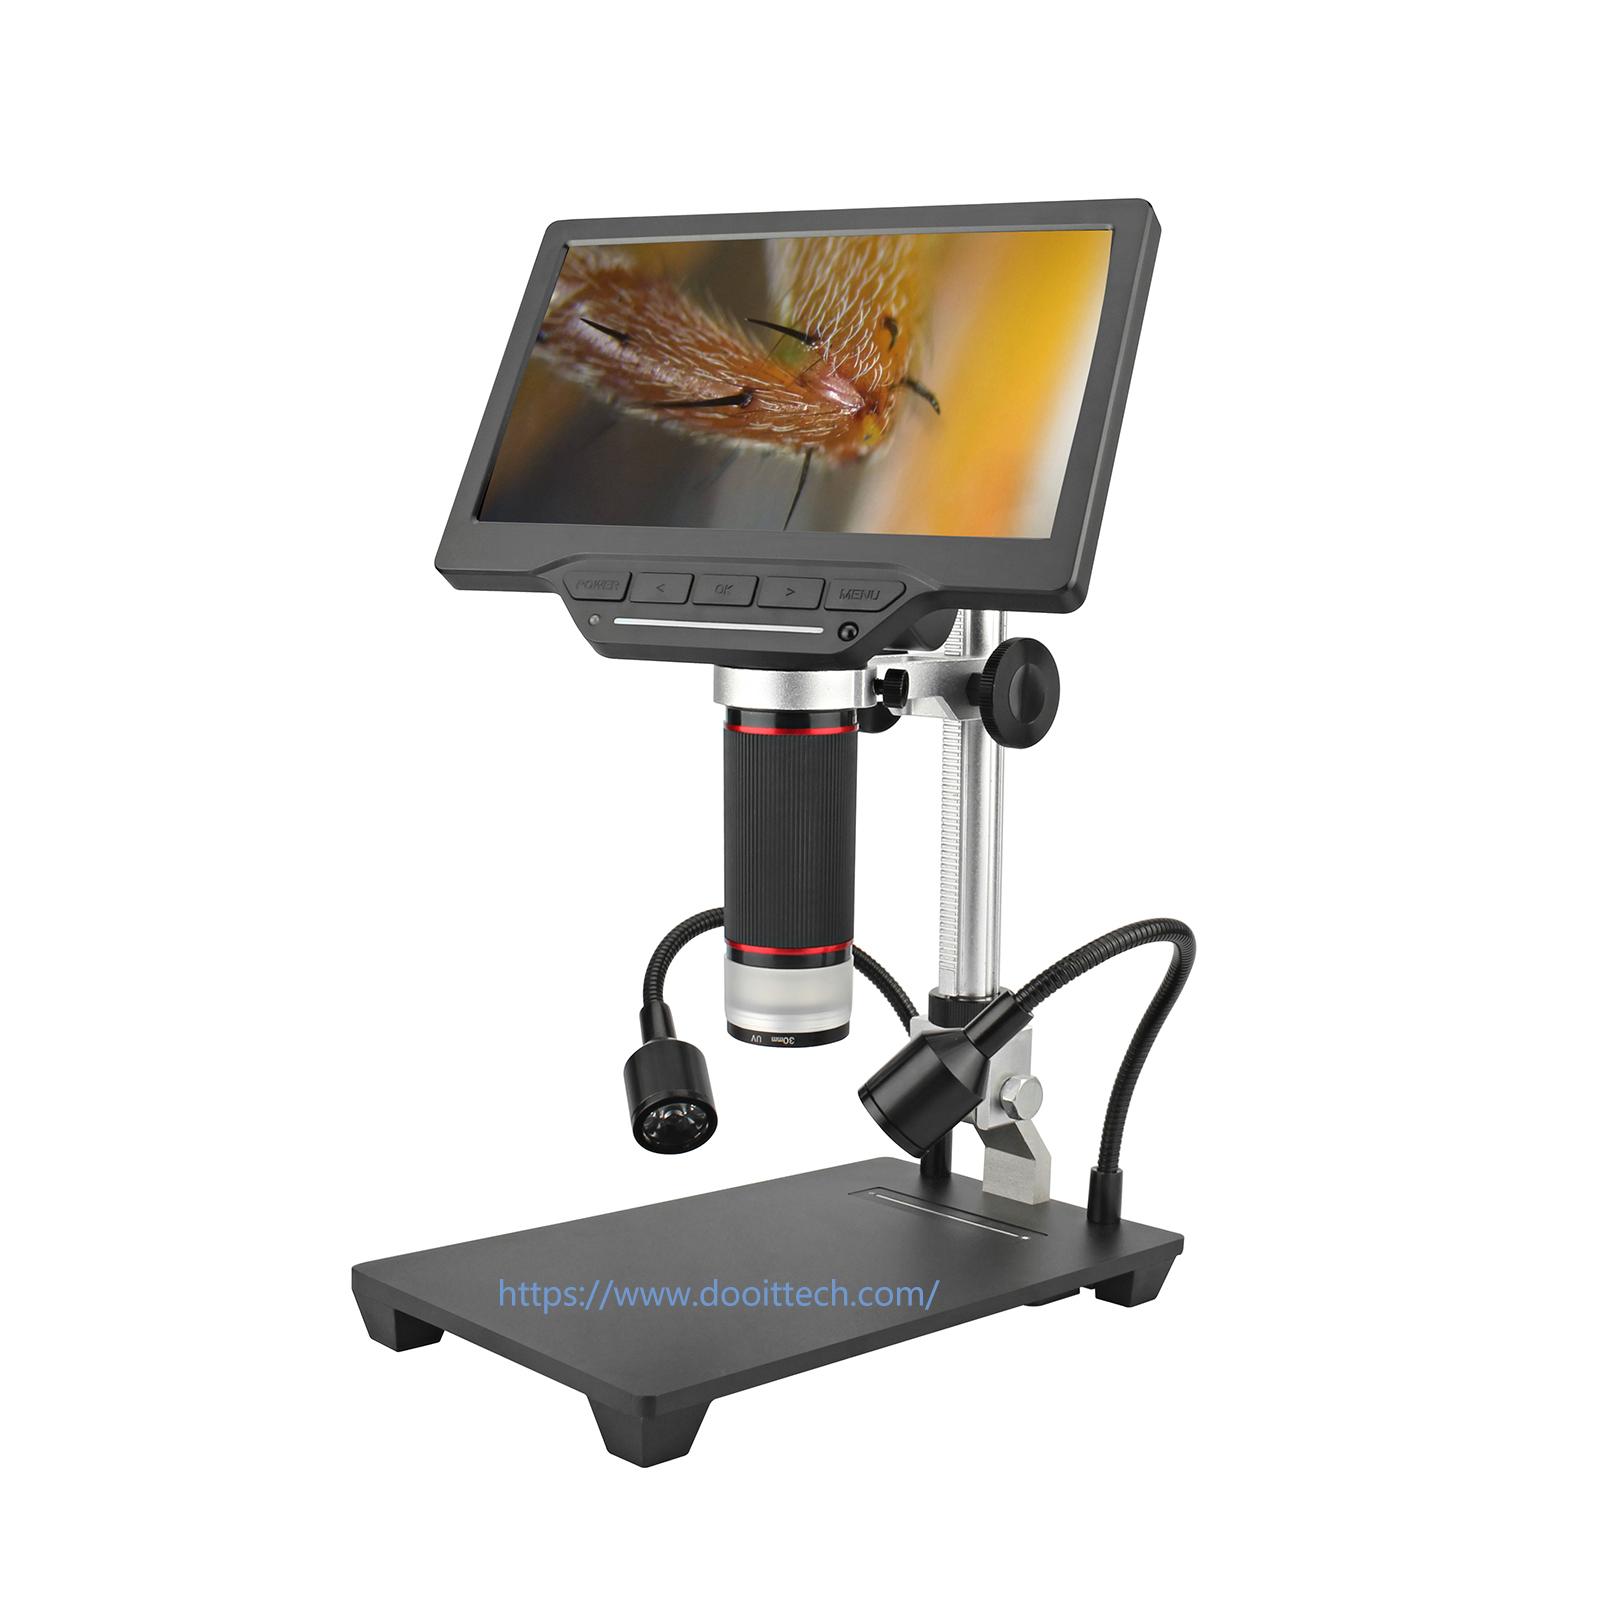 螢幕USB數位電子顯微鏡+LED蛇管燈